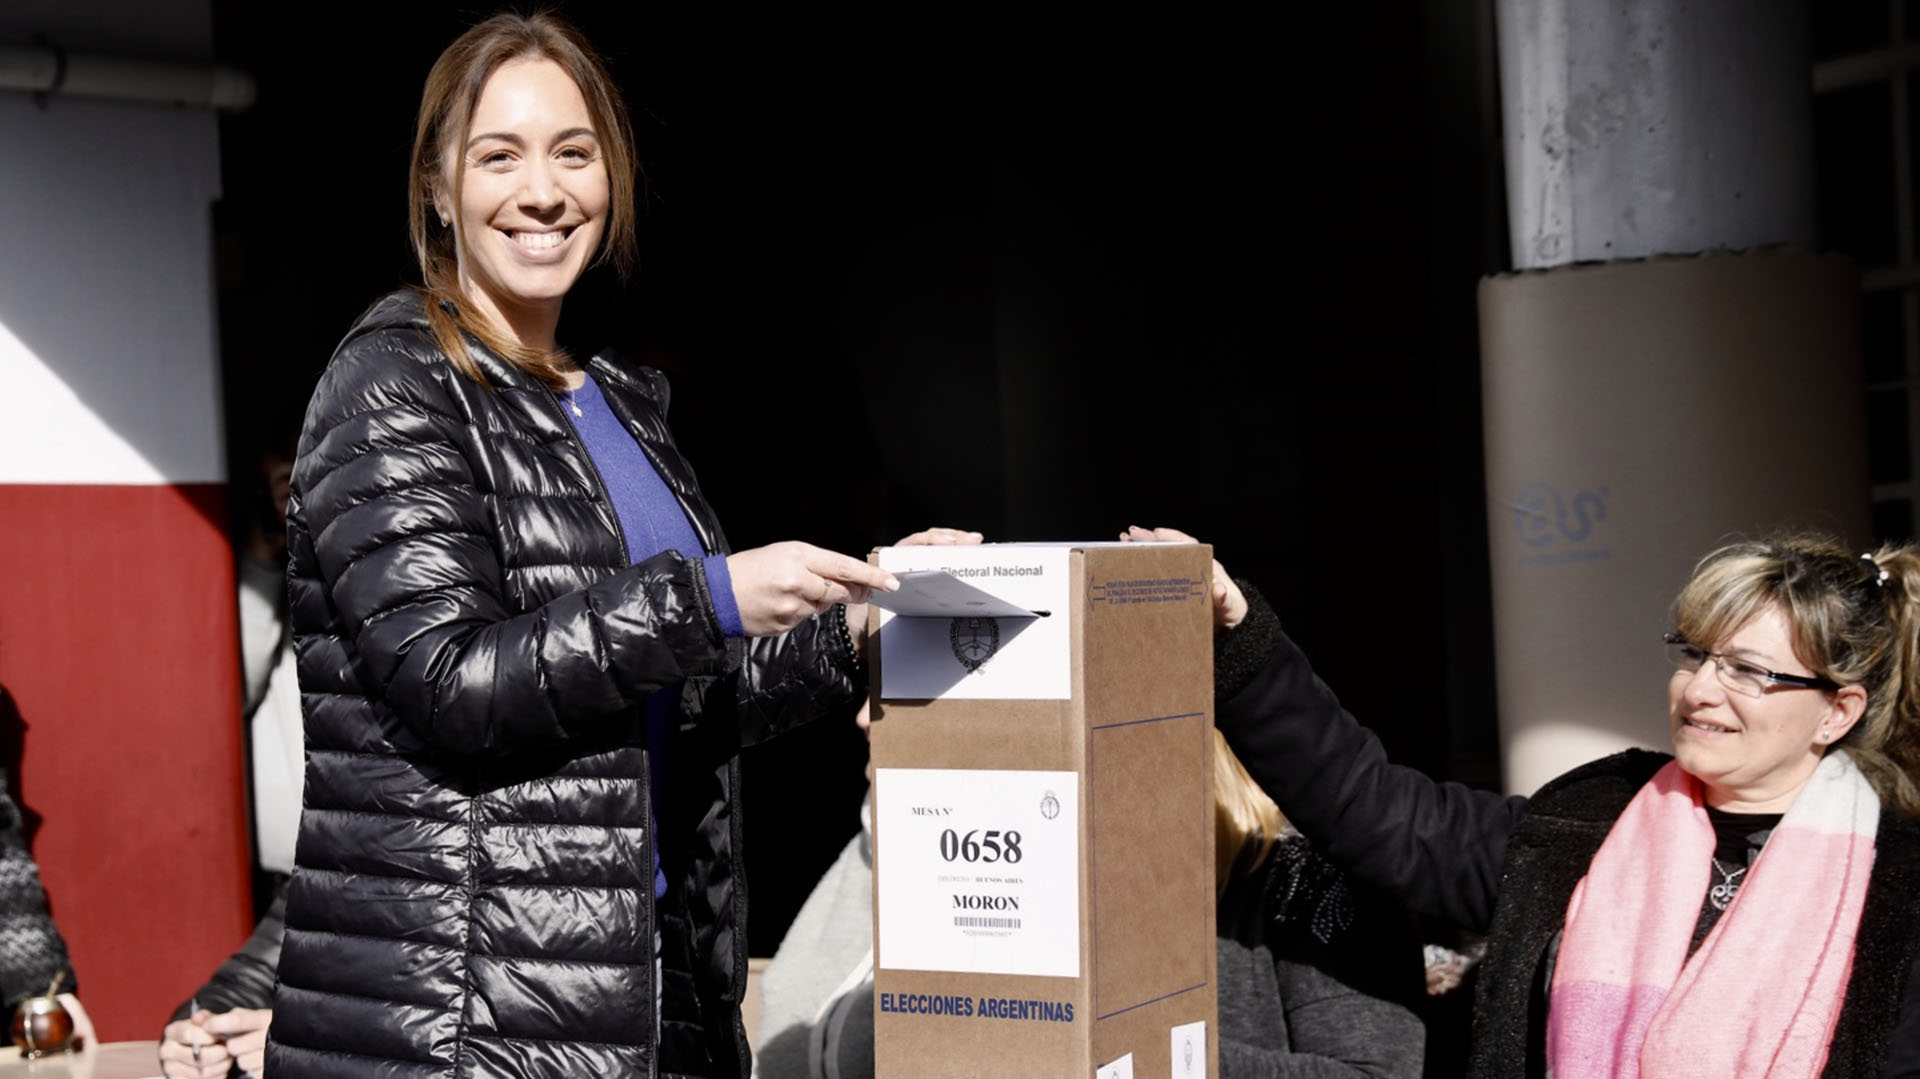 Con facturas en la mano y con una campera negra, María Eugenia Vidal,votó en el Colegio Parroquial Don Bosco